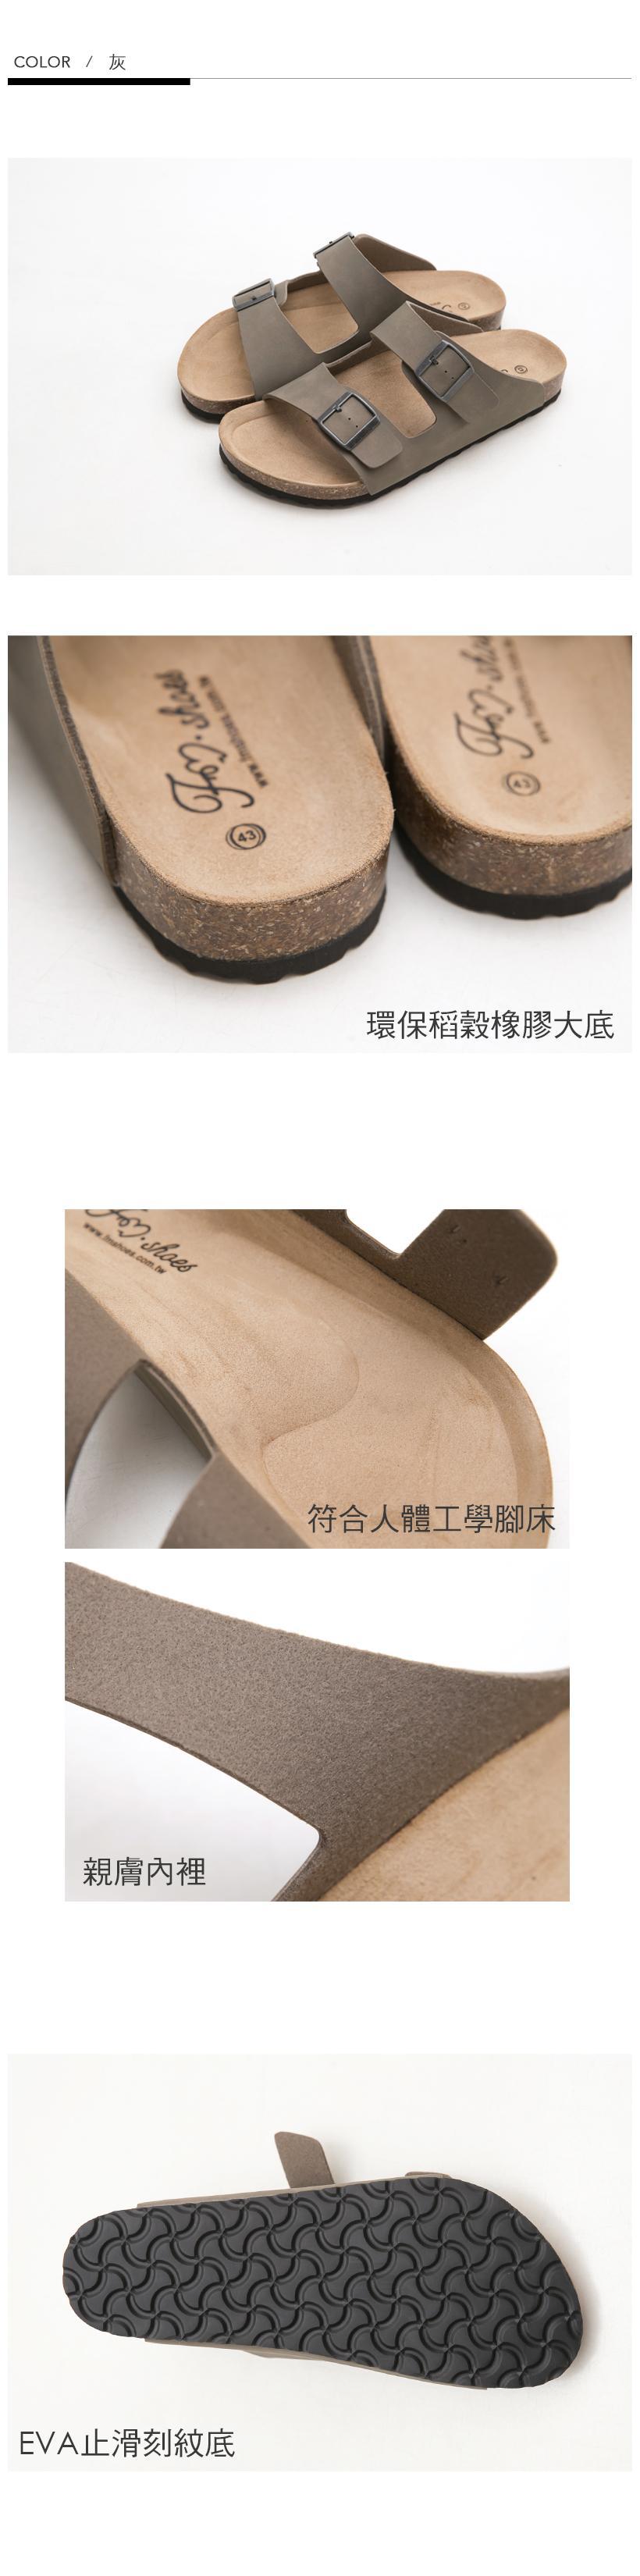 訂製款-古銅方釦休閒拖鞋-Men